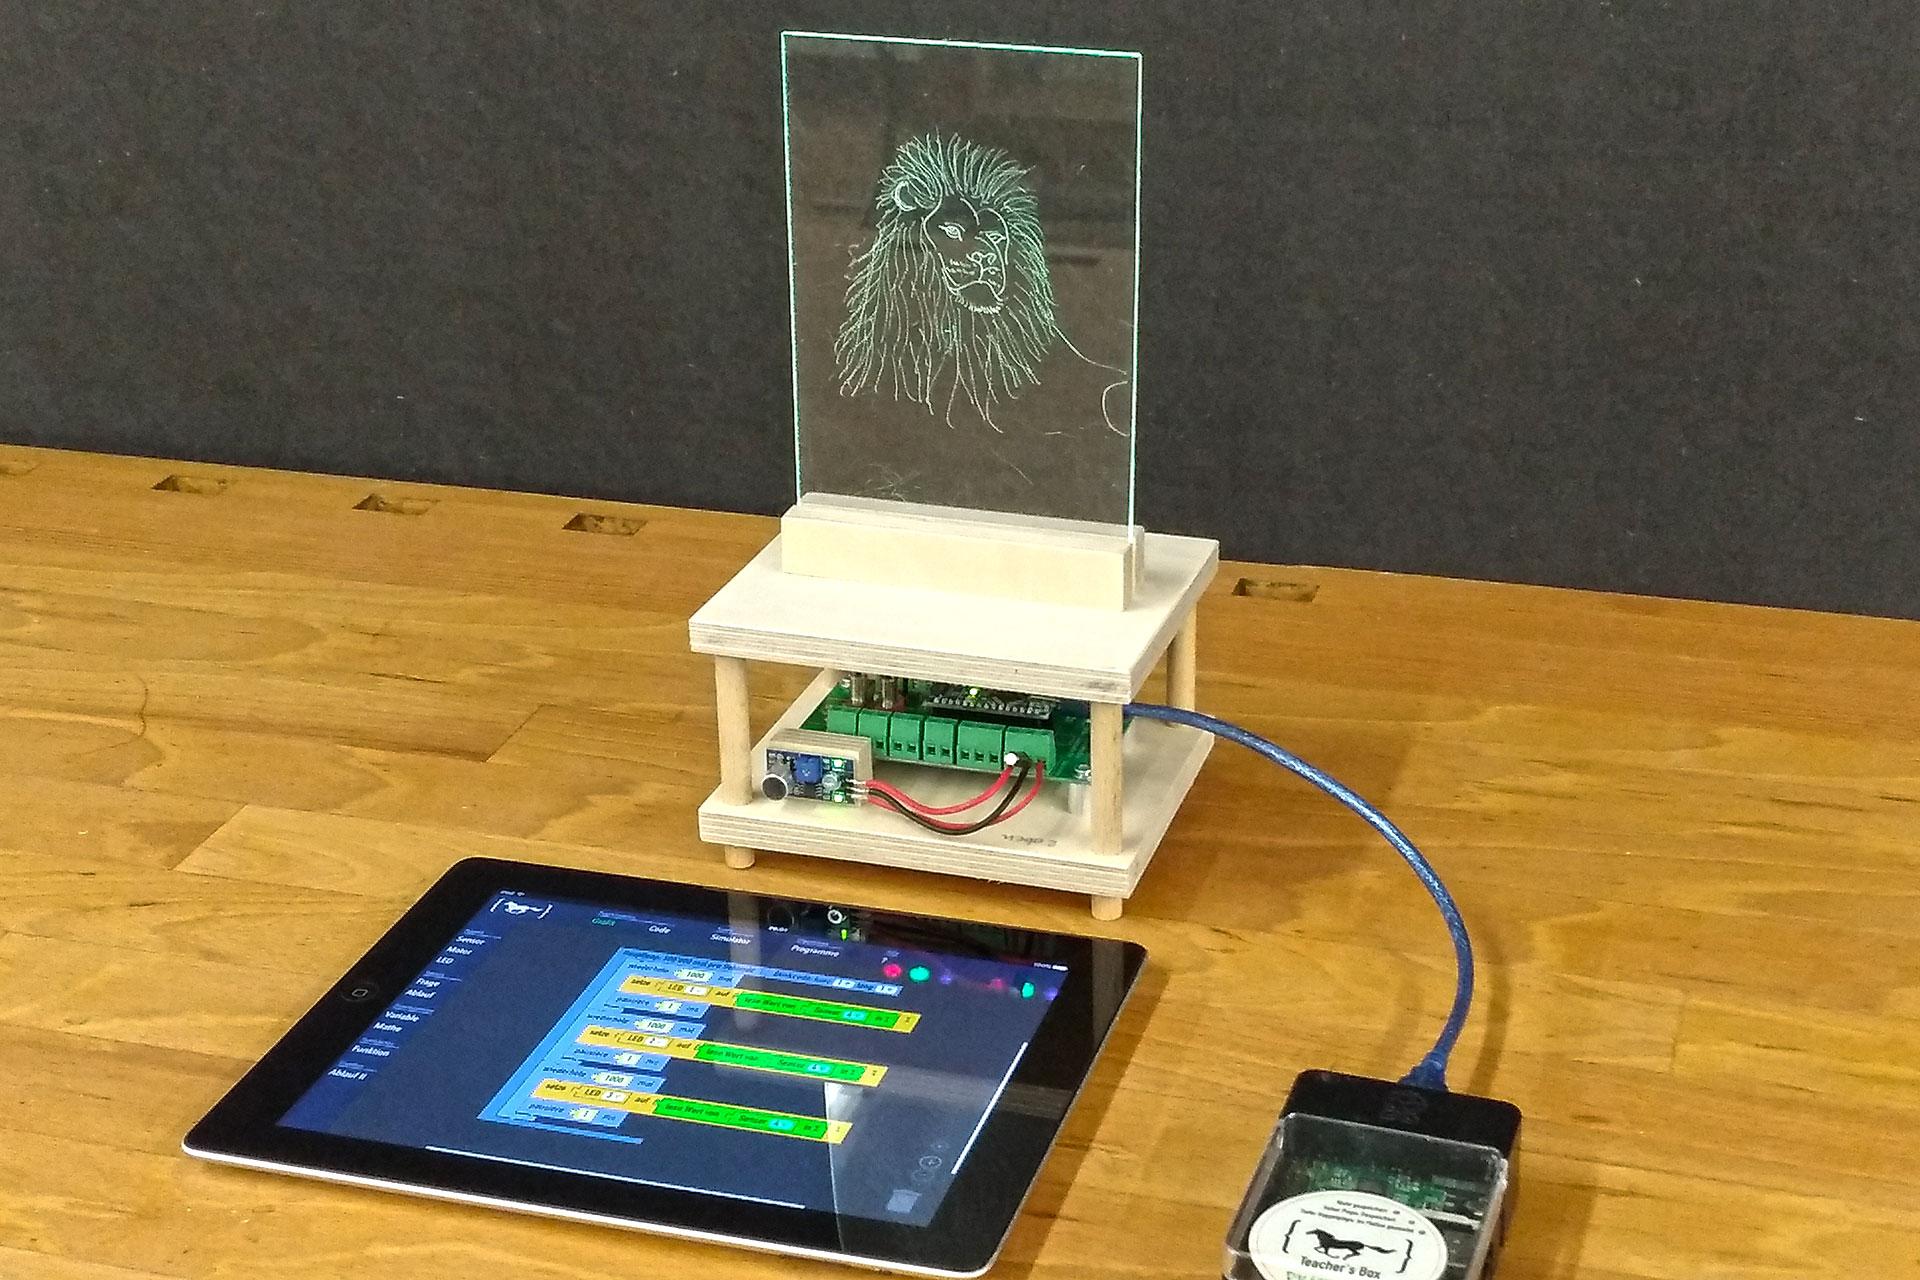 fertig gebautes Lichtbild an Programmierbox angeschlossen mit Tablet